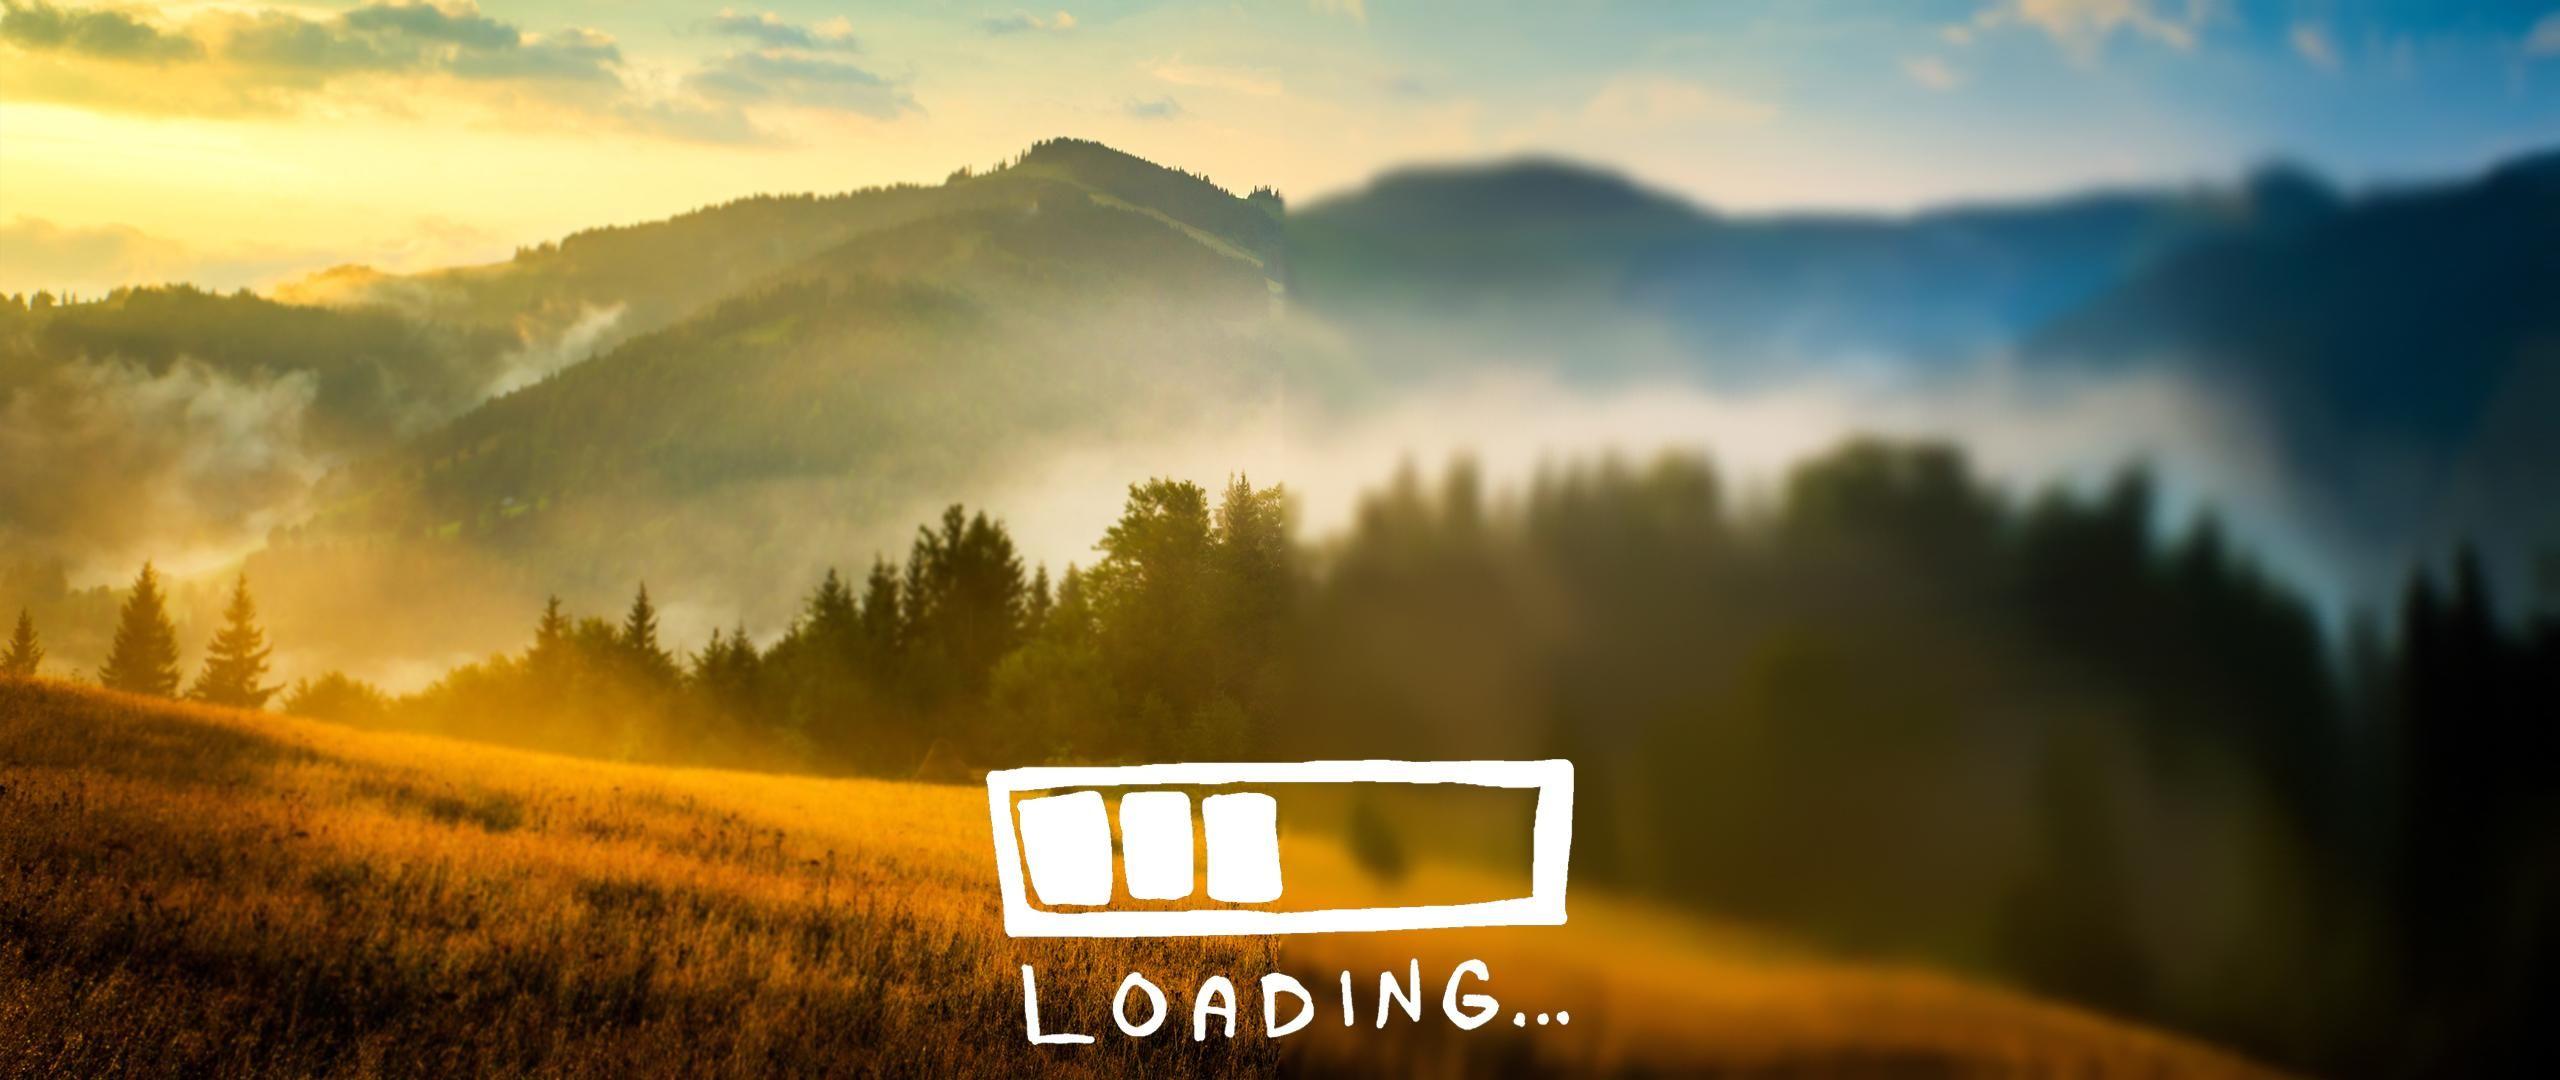 'Loading' ultrawide wallpaper (2560x1080) | Wallpaper ...